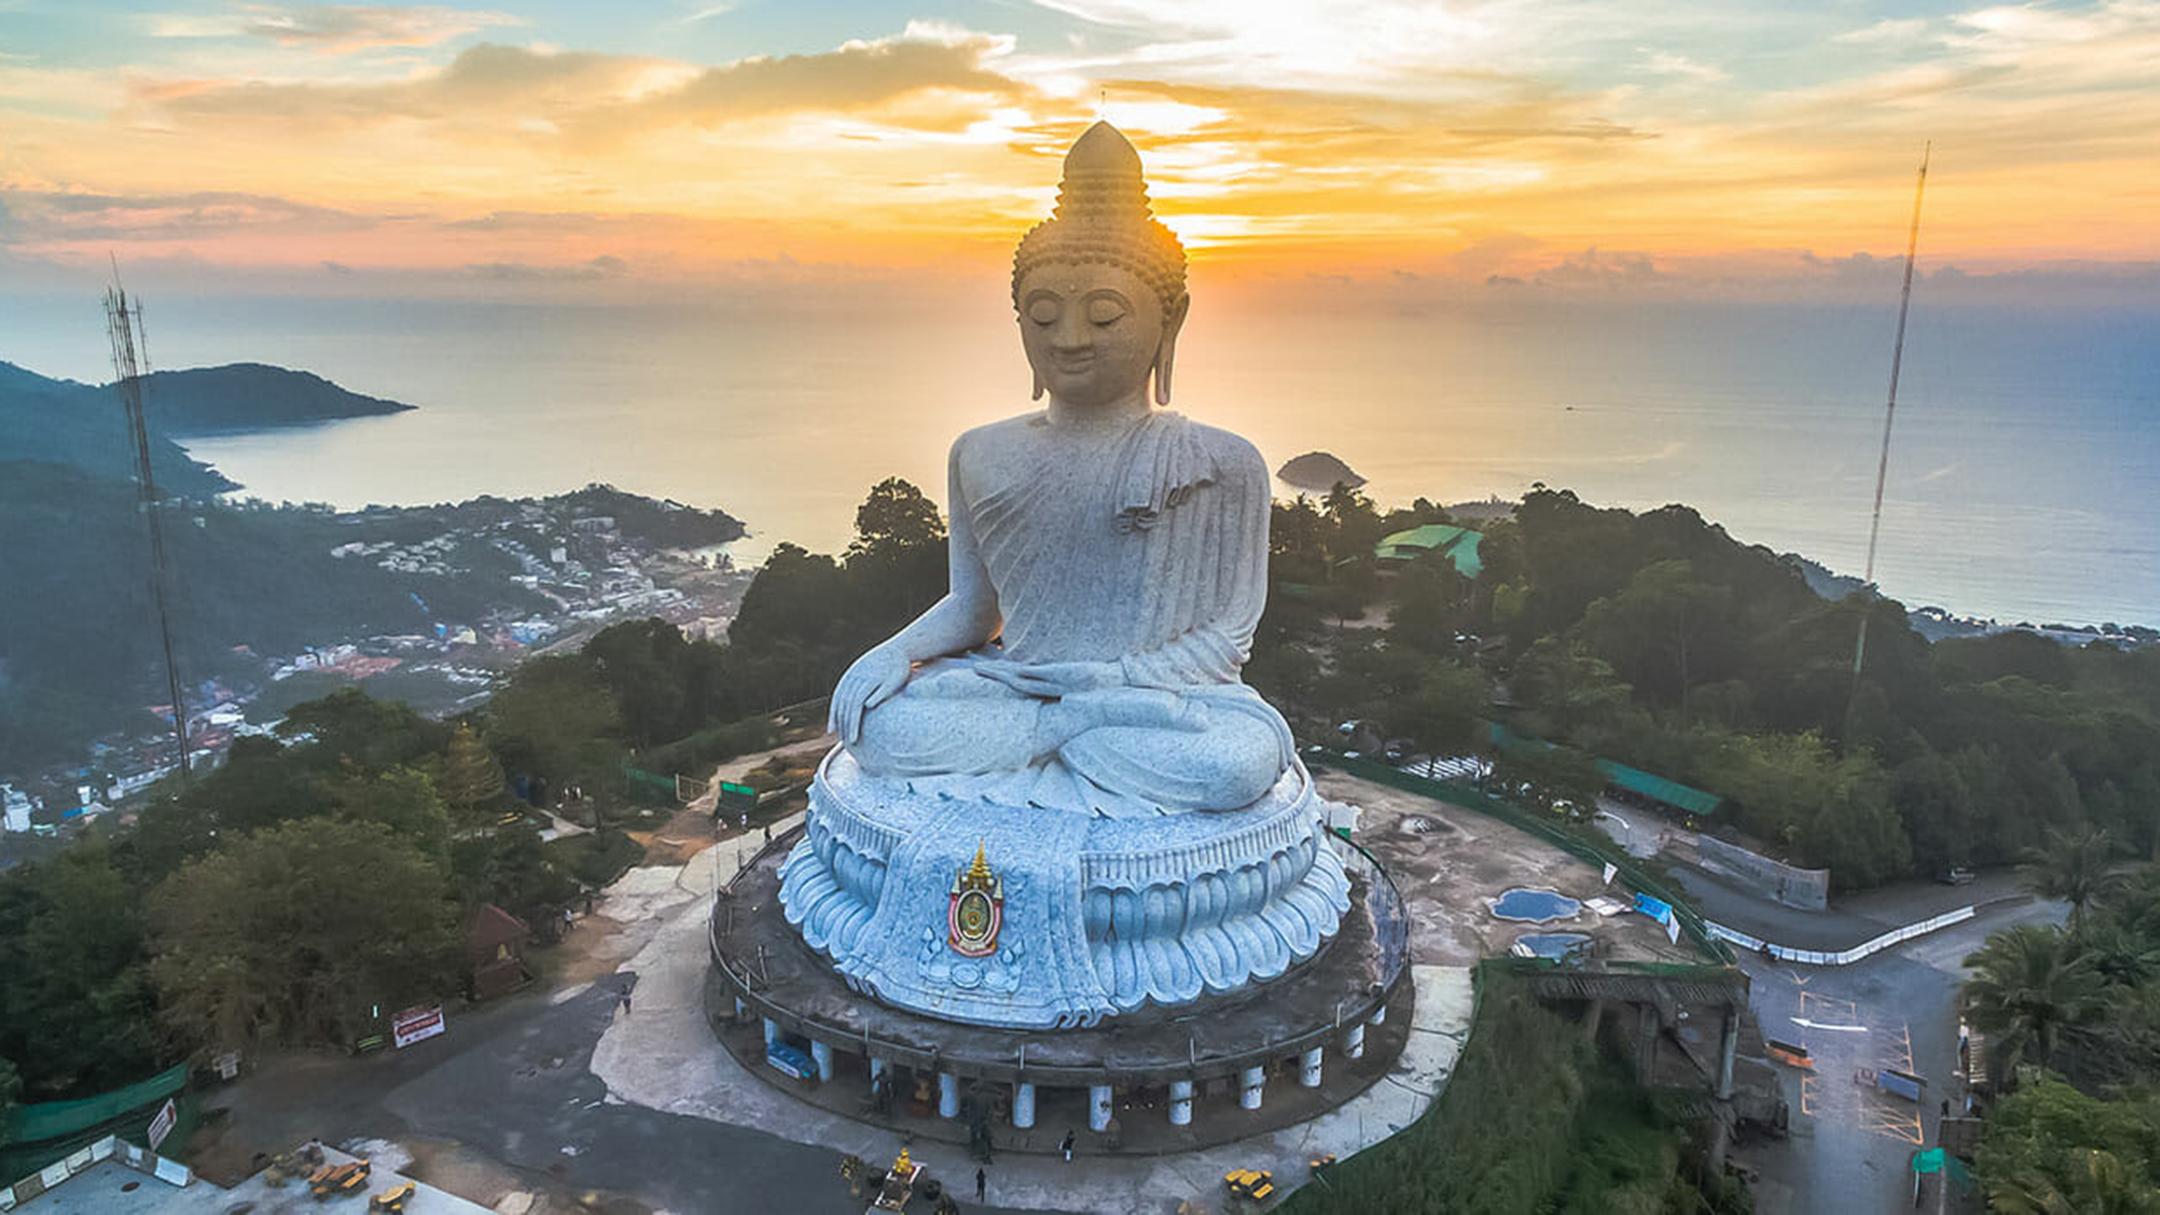 July 1st, Phuket reopens to international tourists